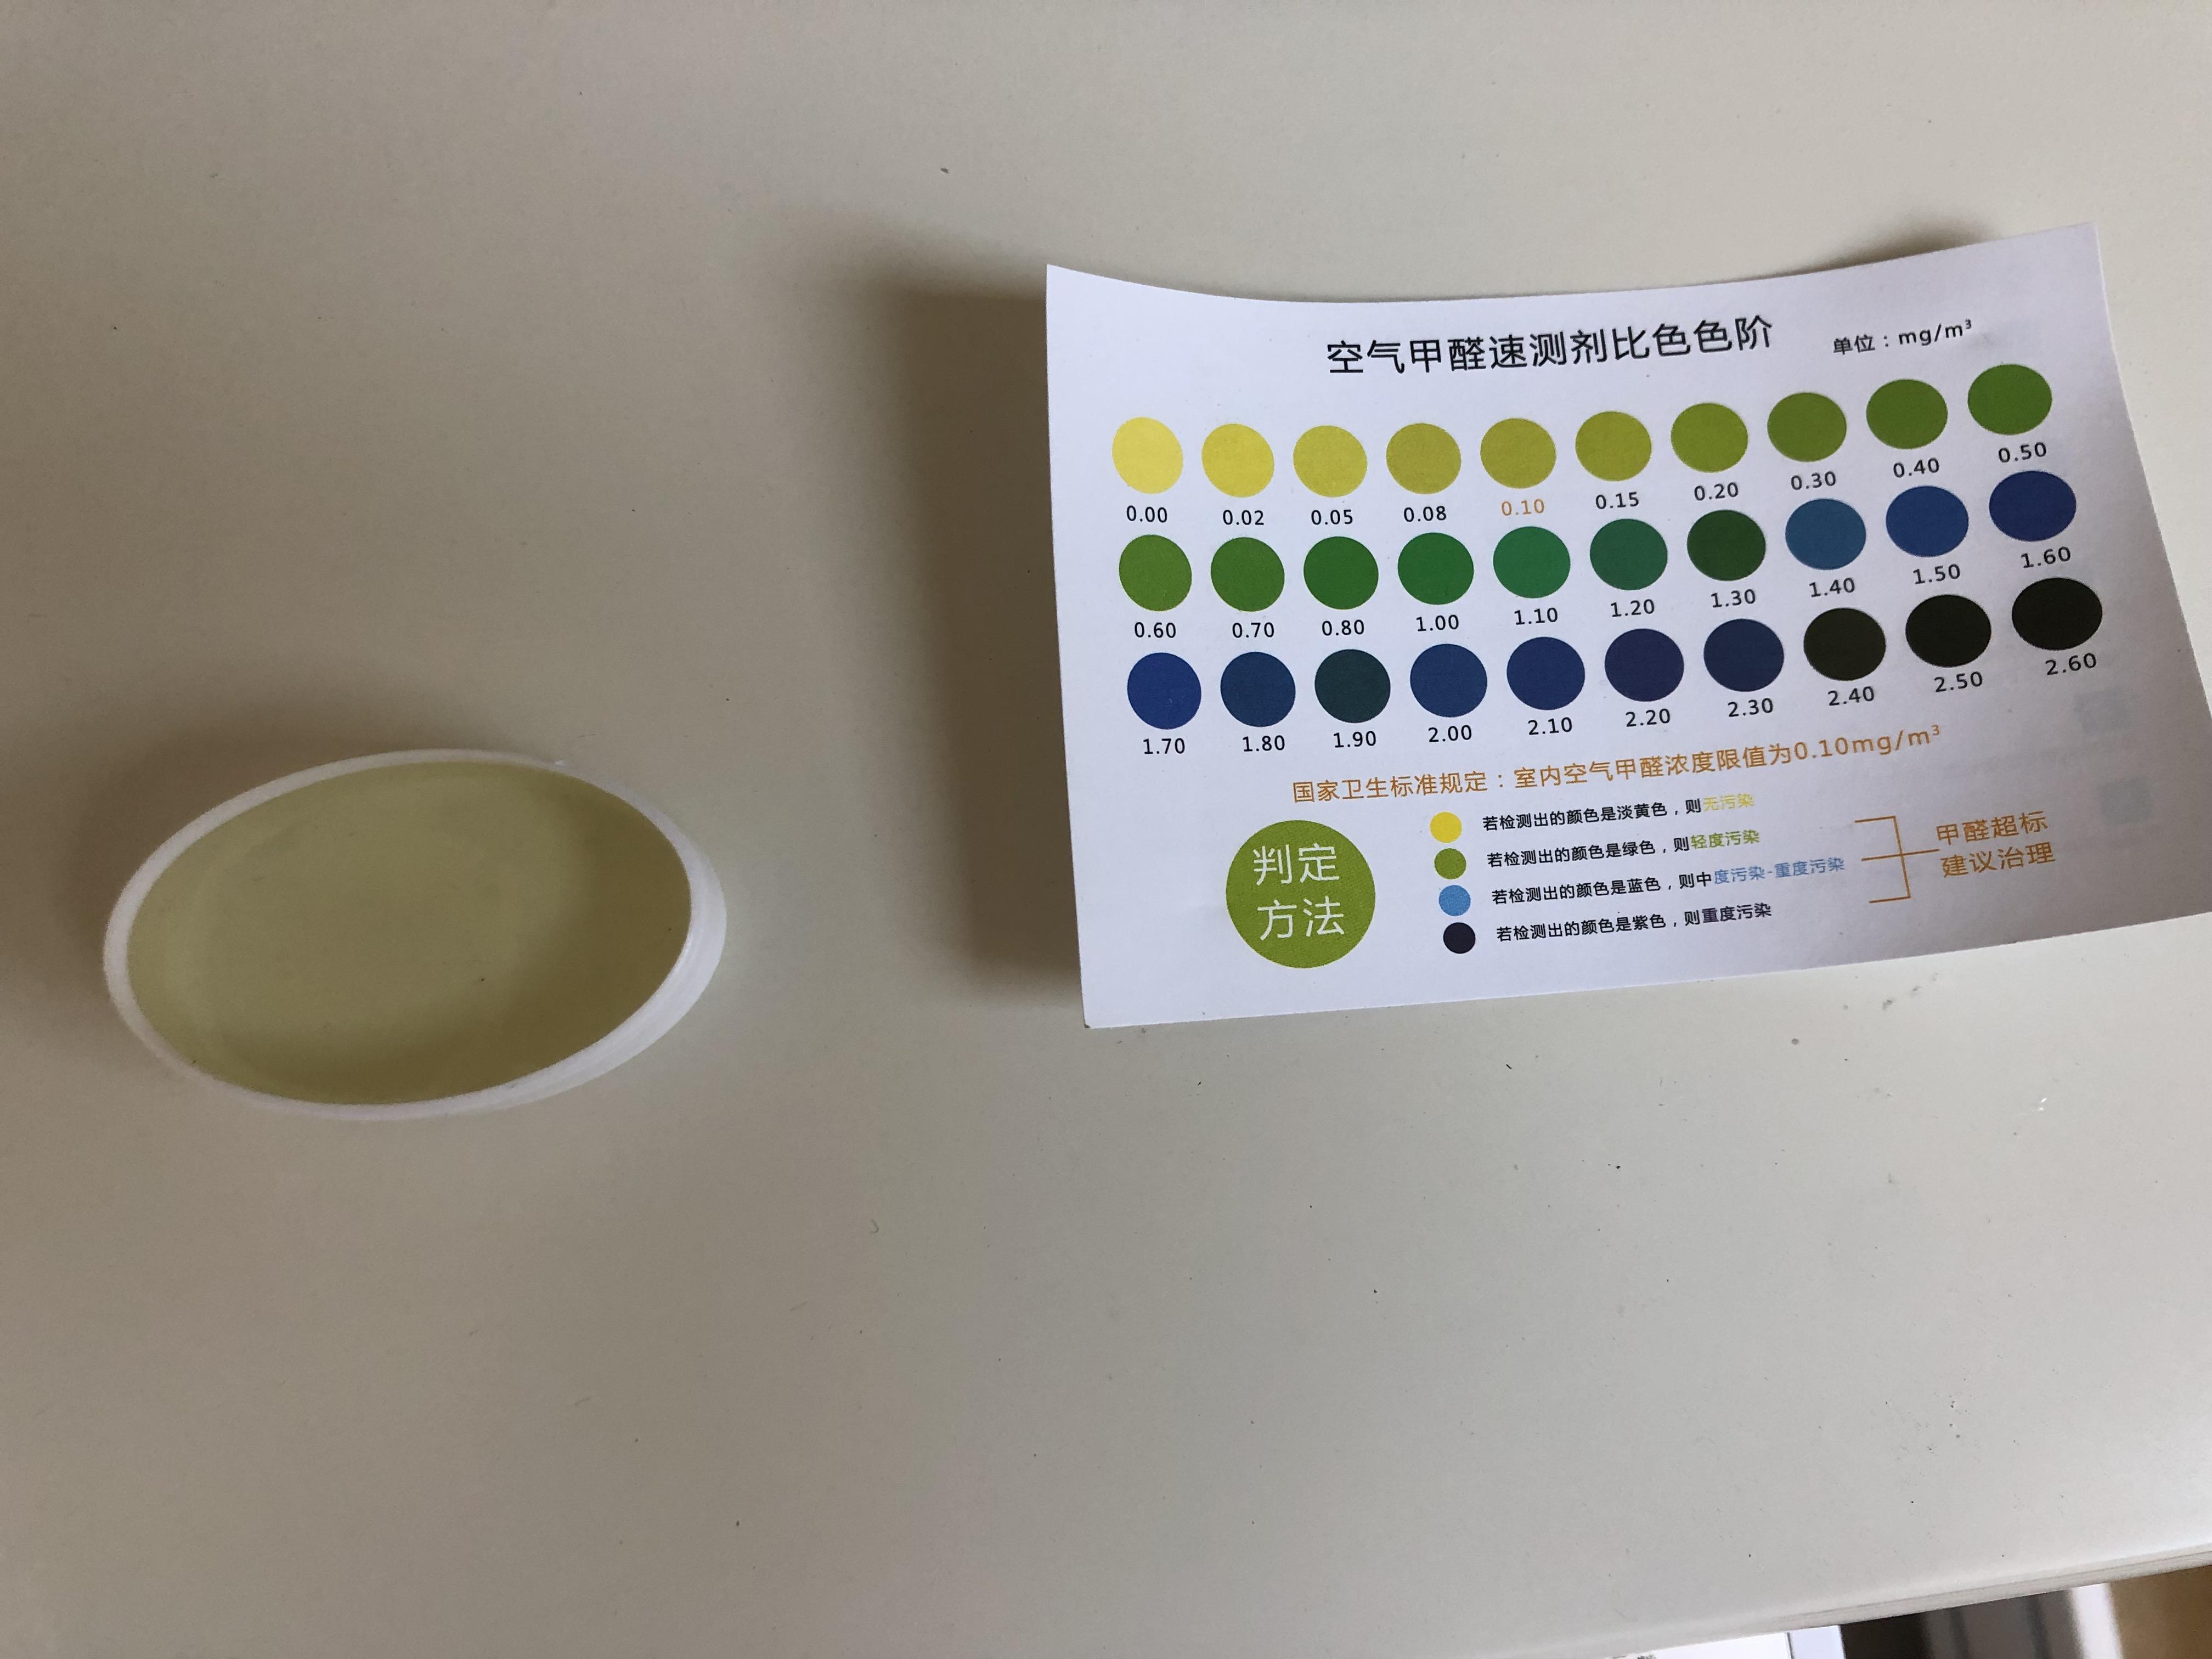 某品牌光触媒除甲醛产品有效性记录(比色卡比对)